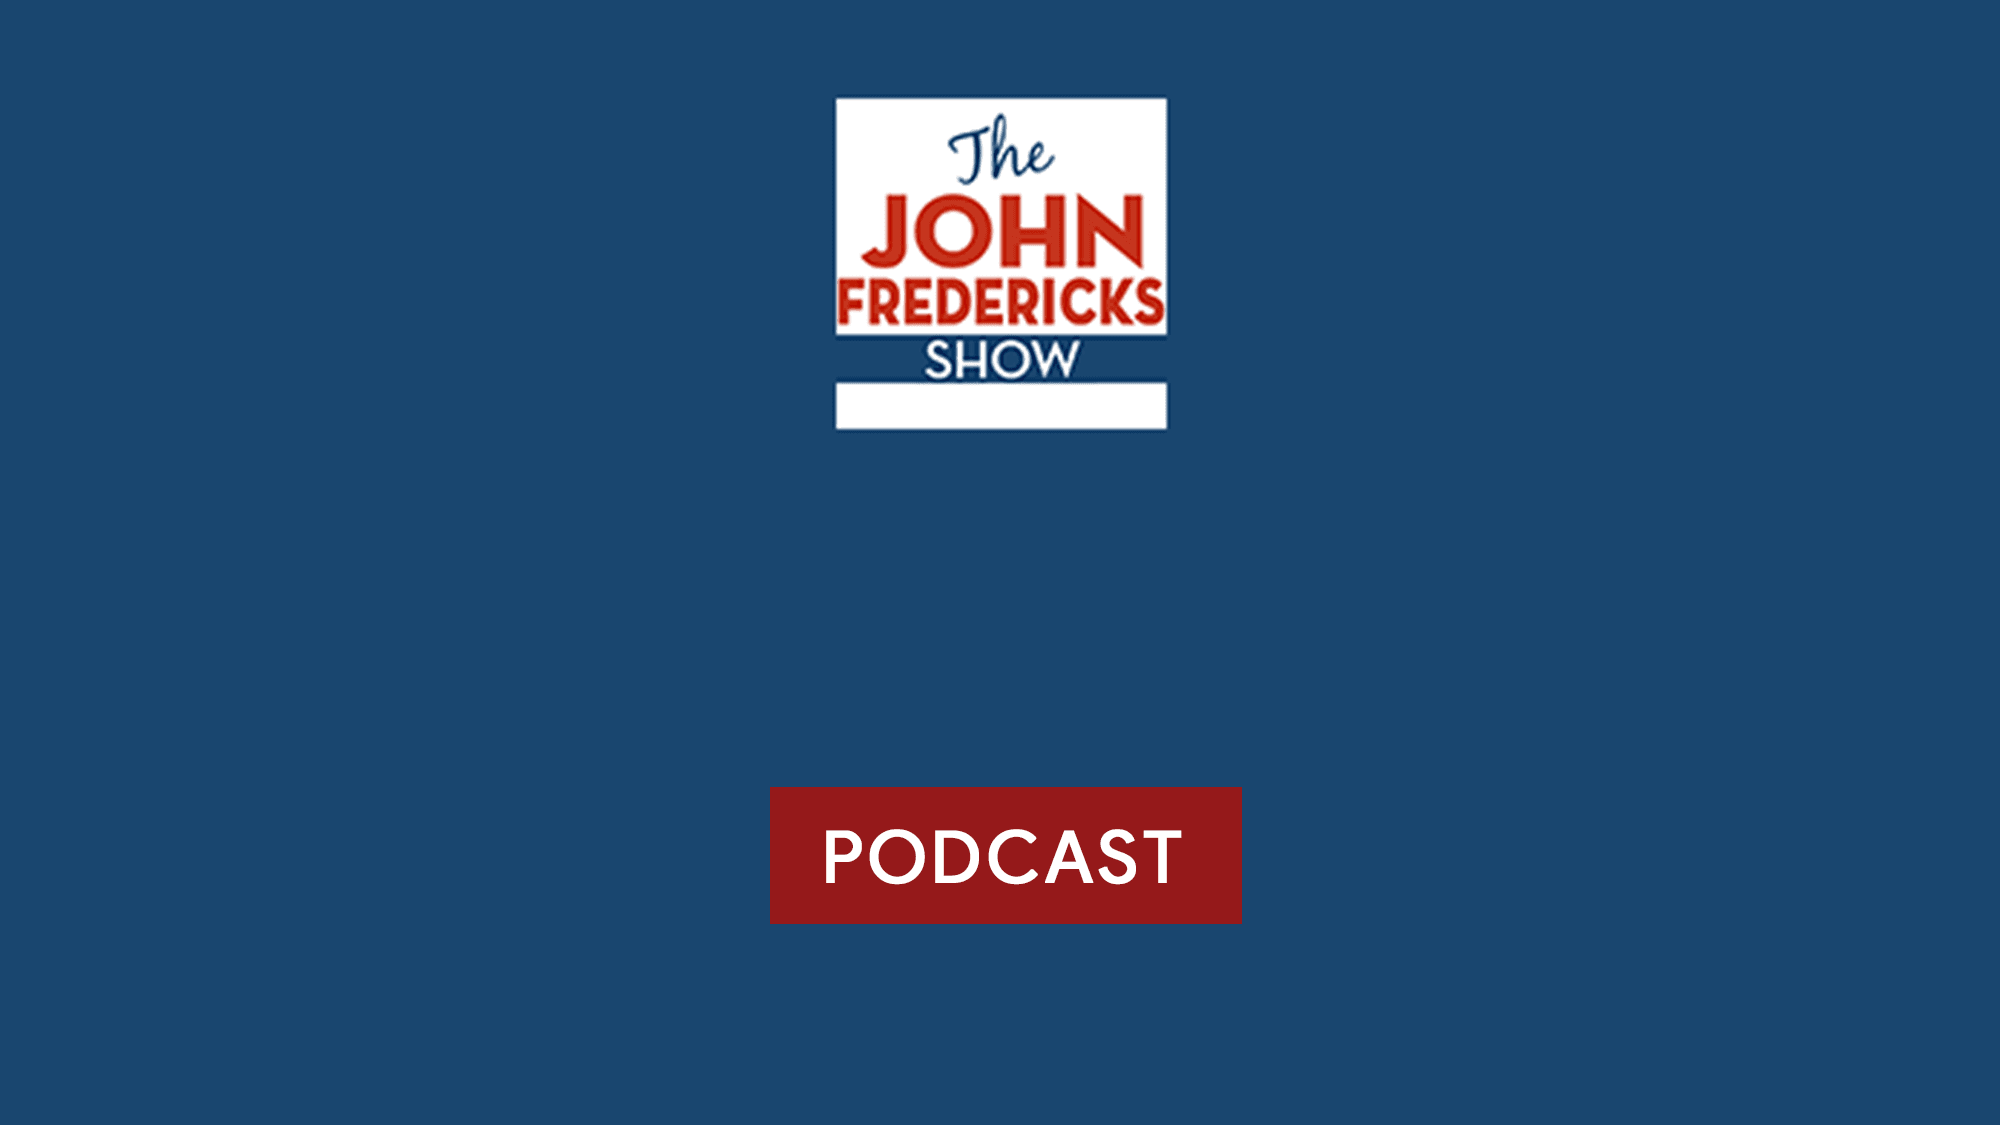 jfr podcast banner